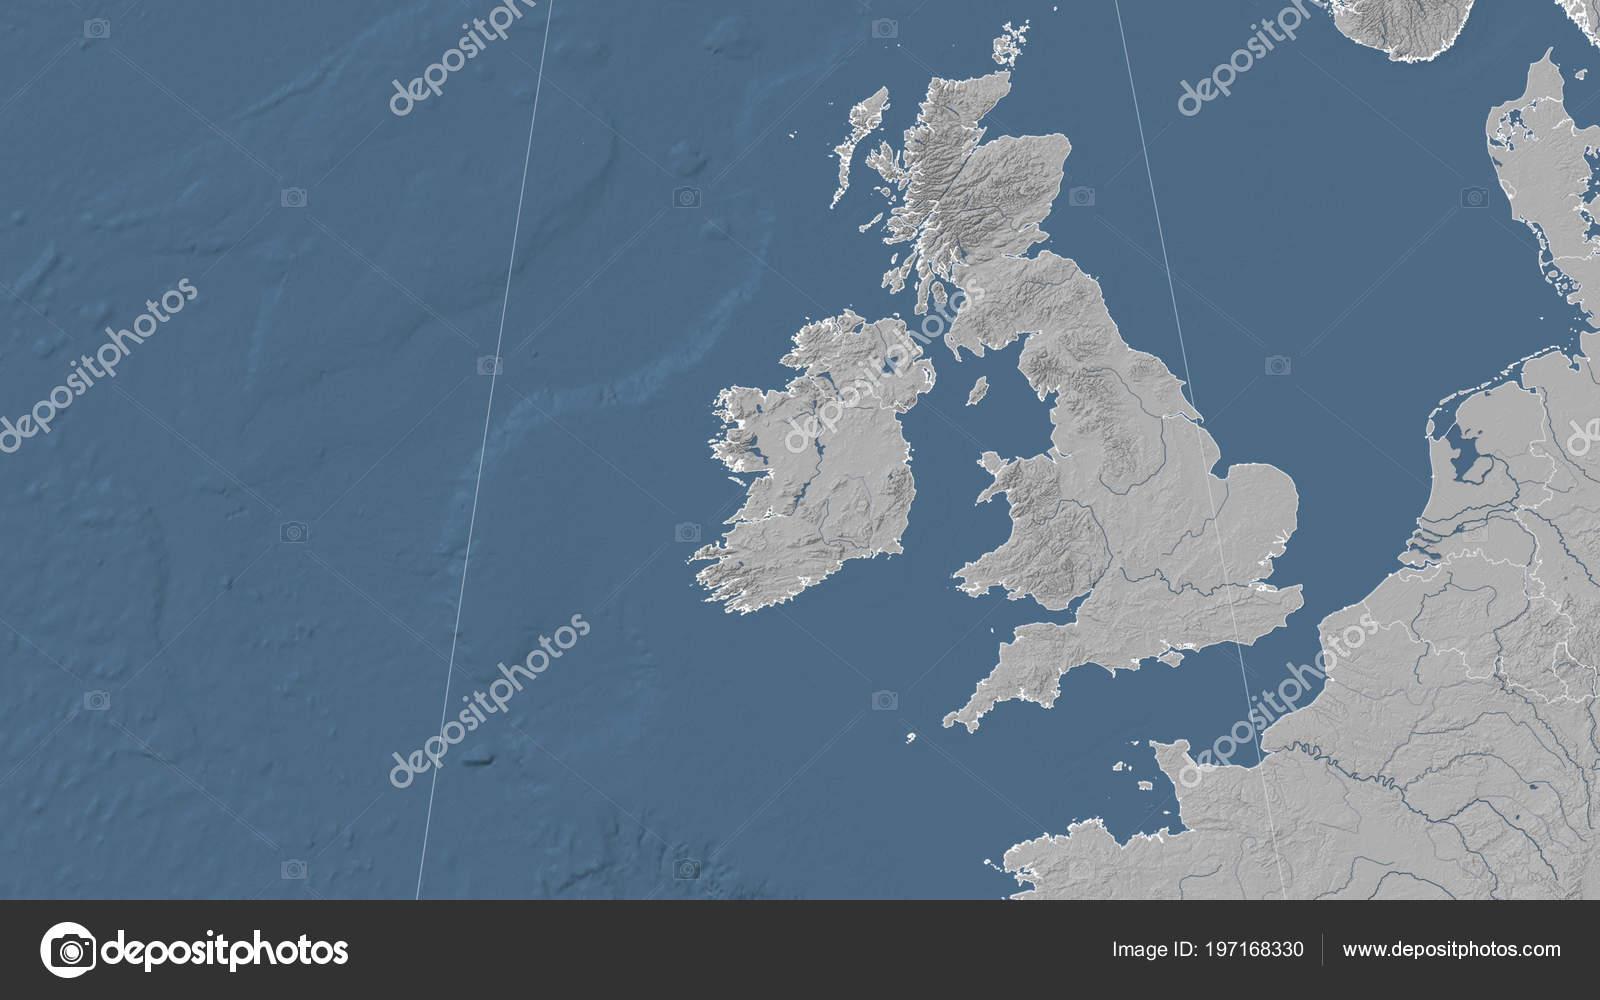 Ireland Elevation Map.Ireland Its Neighborhood Distant Oblique Perspective Outline Bilevel